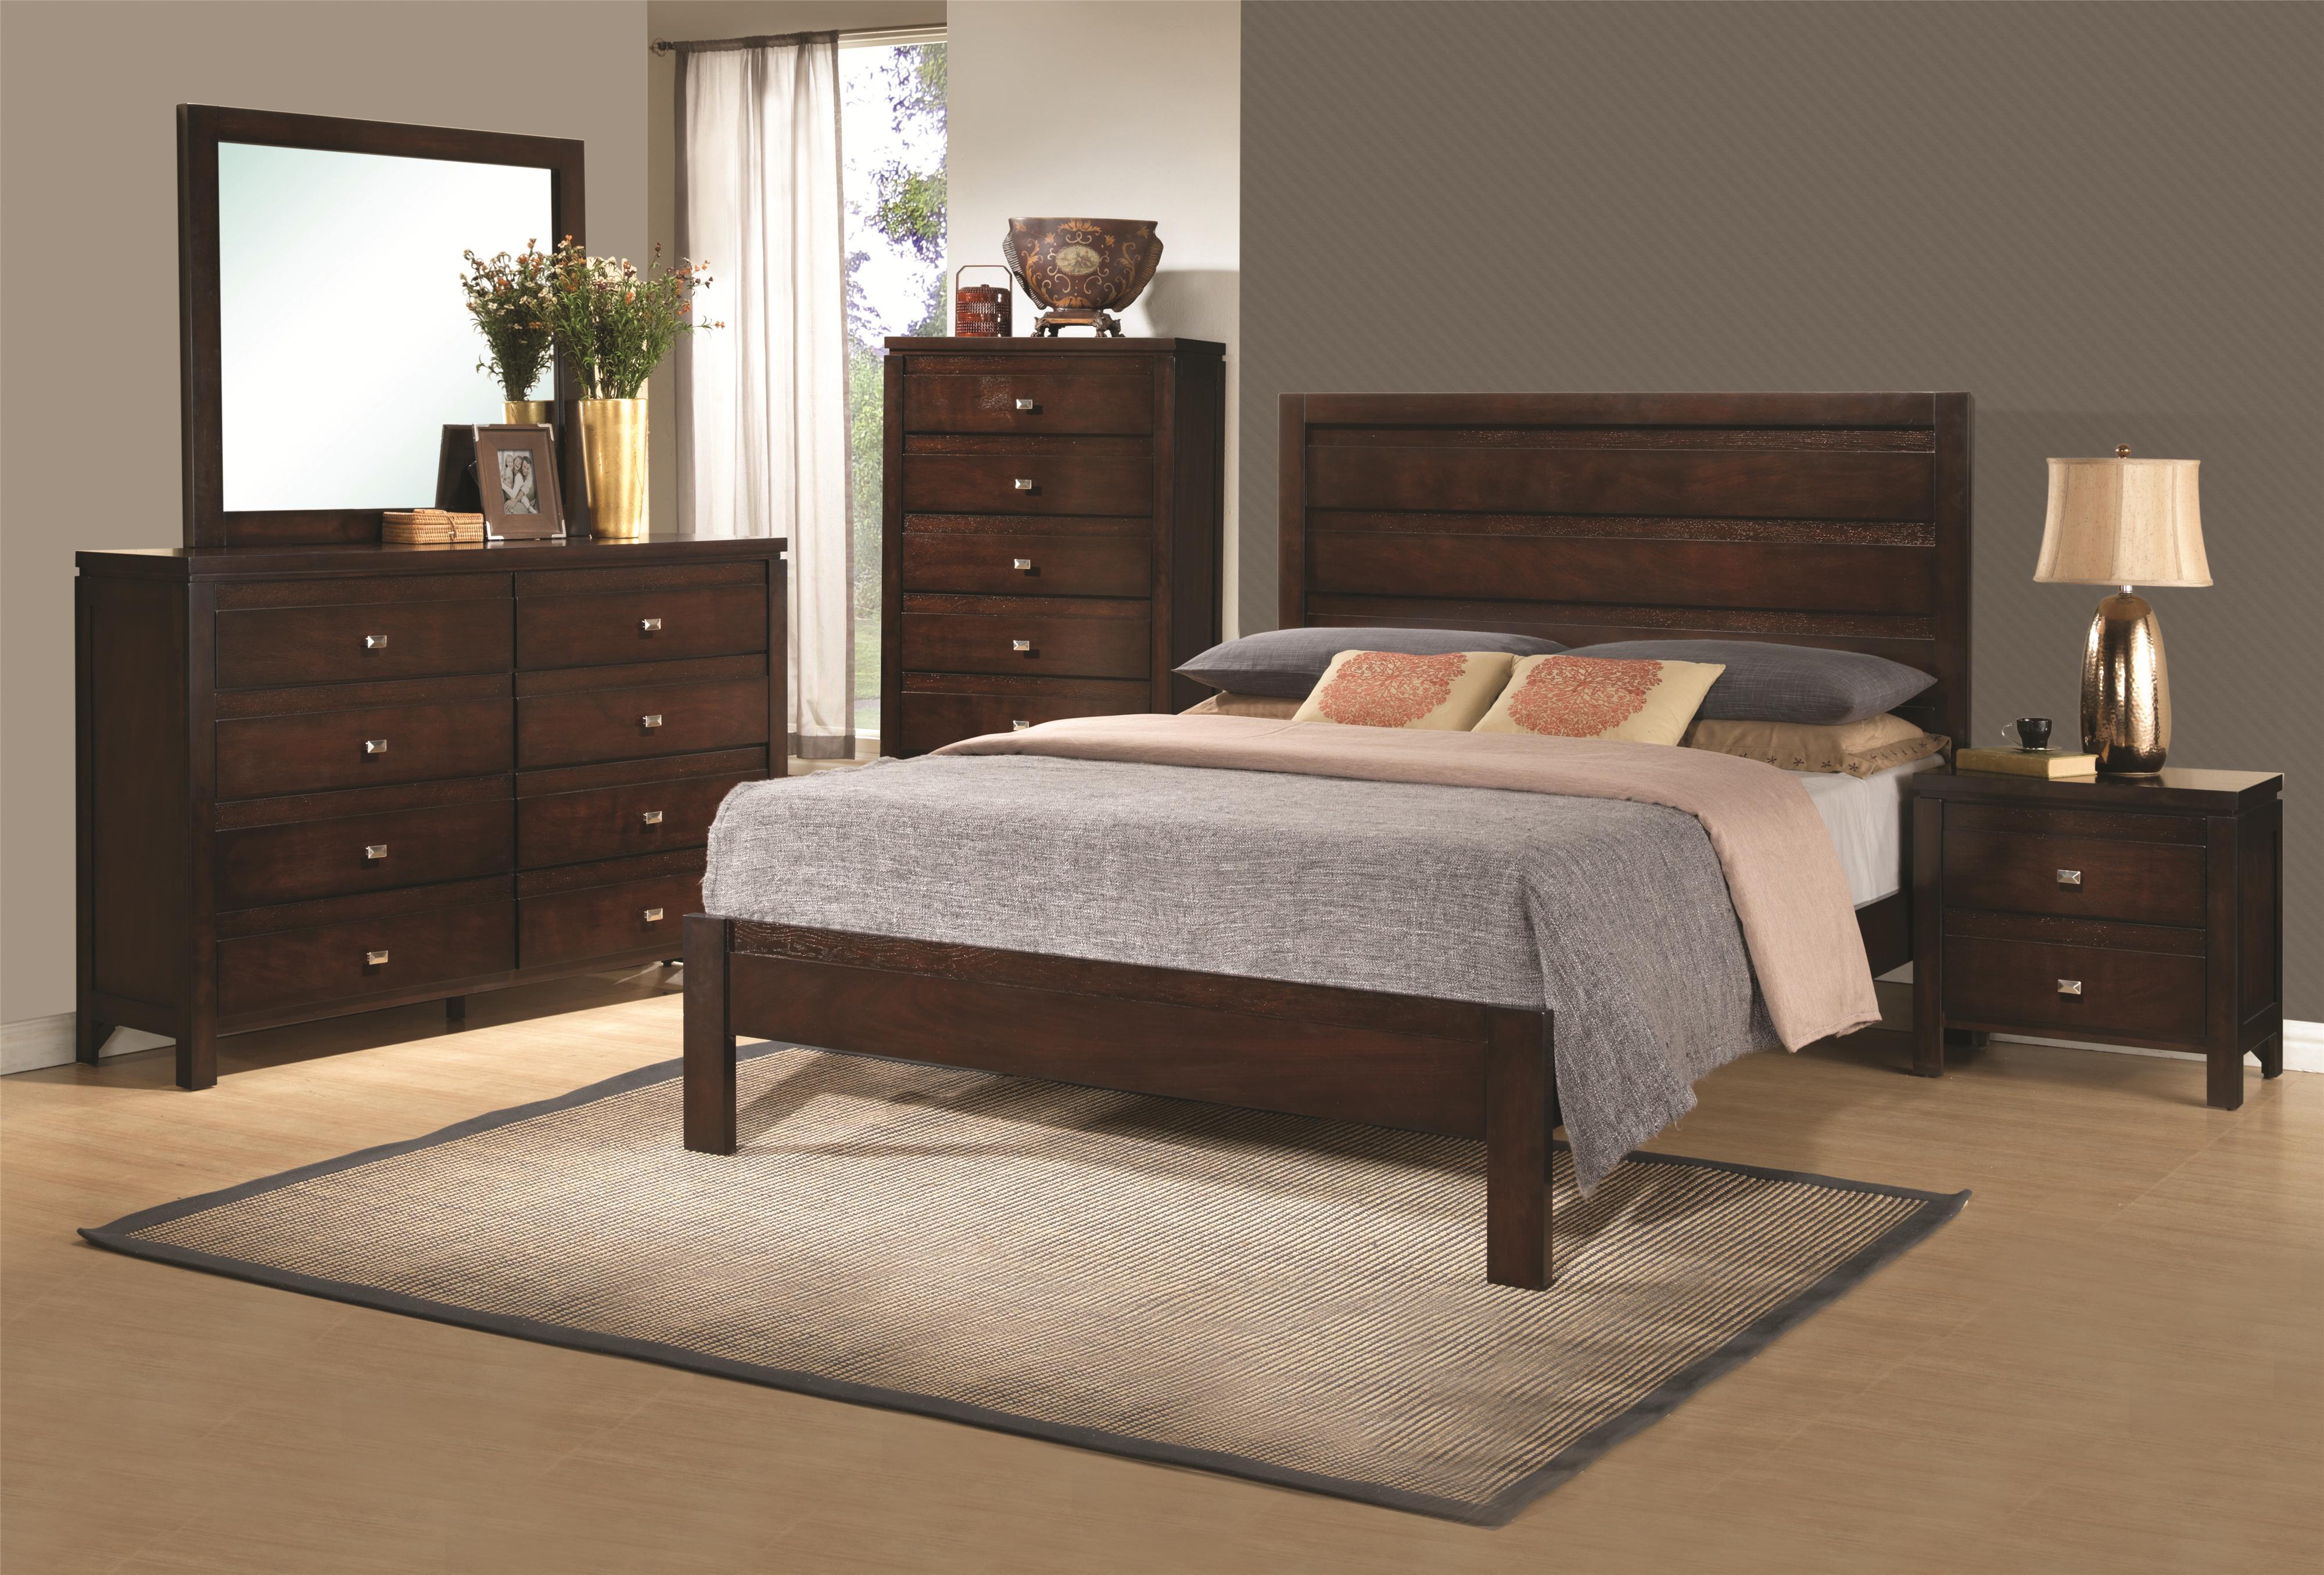 Coaster Cameron K Bedroom Group - Item Number: K Bedroom Group